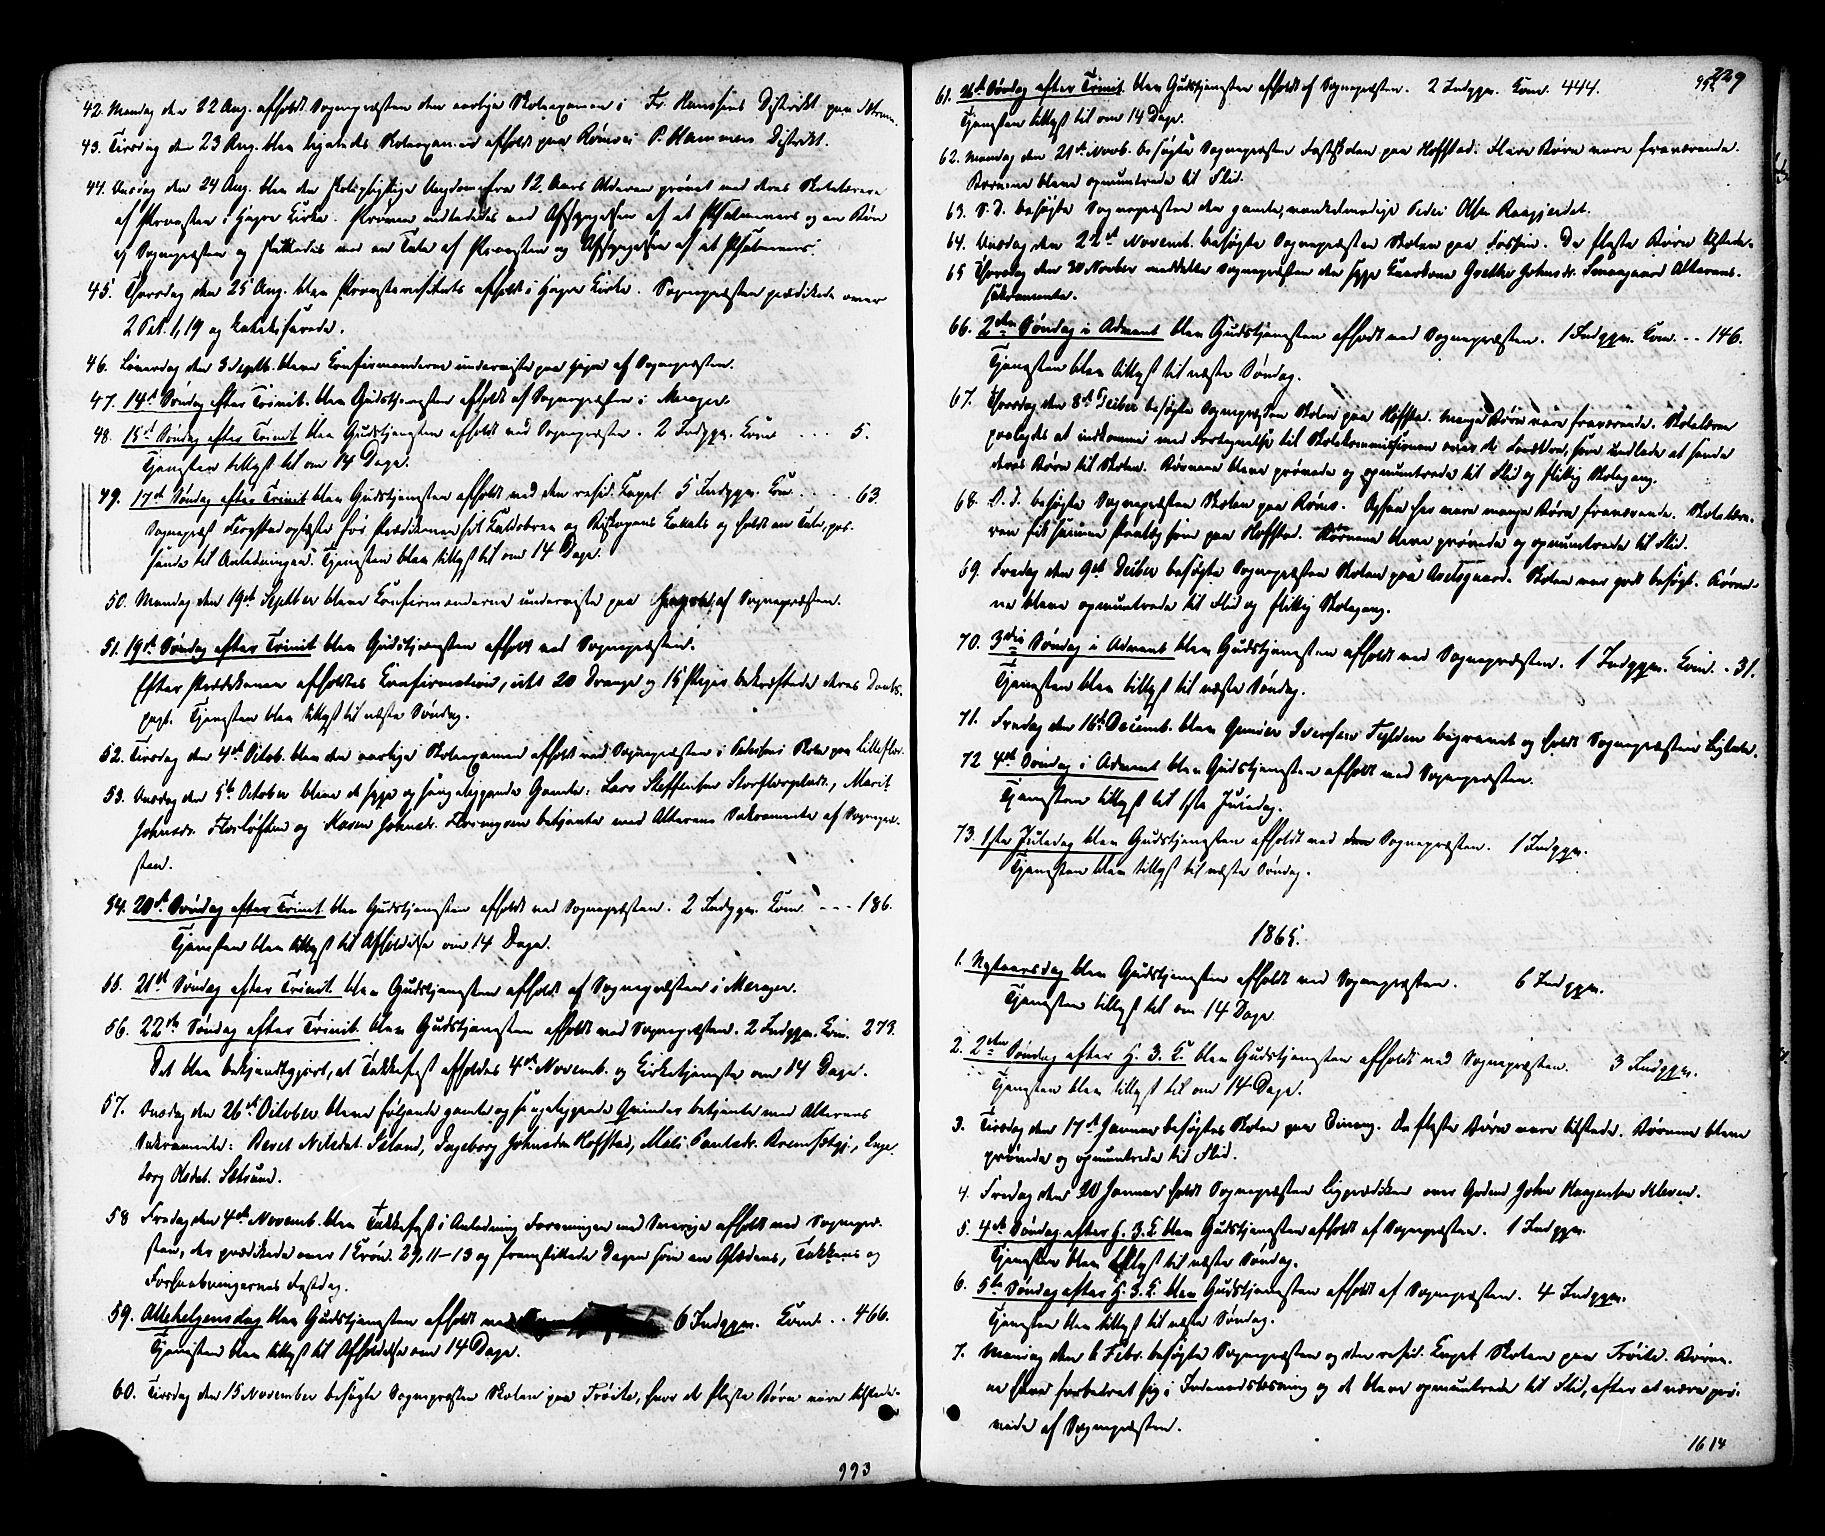 SAT, Ministerialprotokoller, klokkerbøker og fødselsregistre - Nord-Trøndelag, 703/L0029: Ministerialbok nr. 703A02, 1863-1879, s. 229